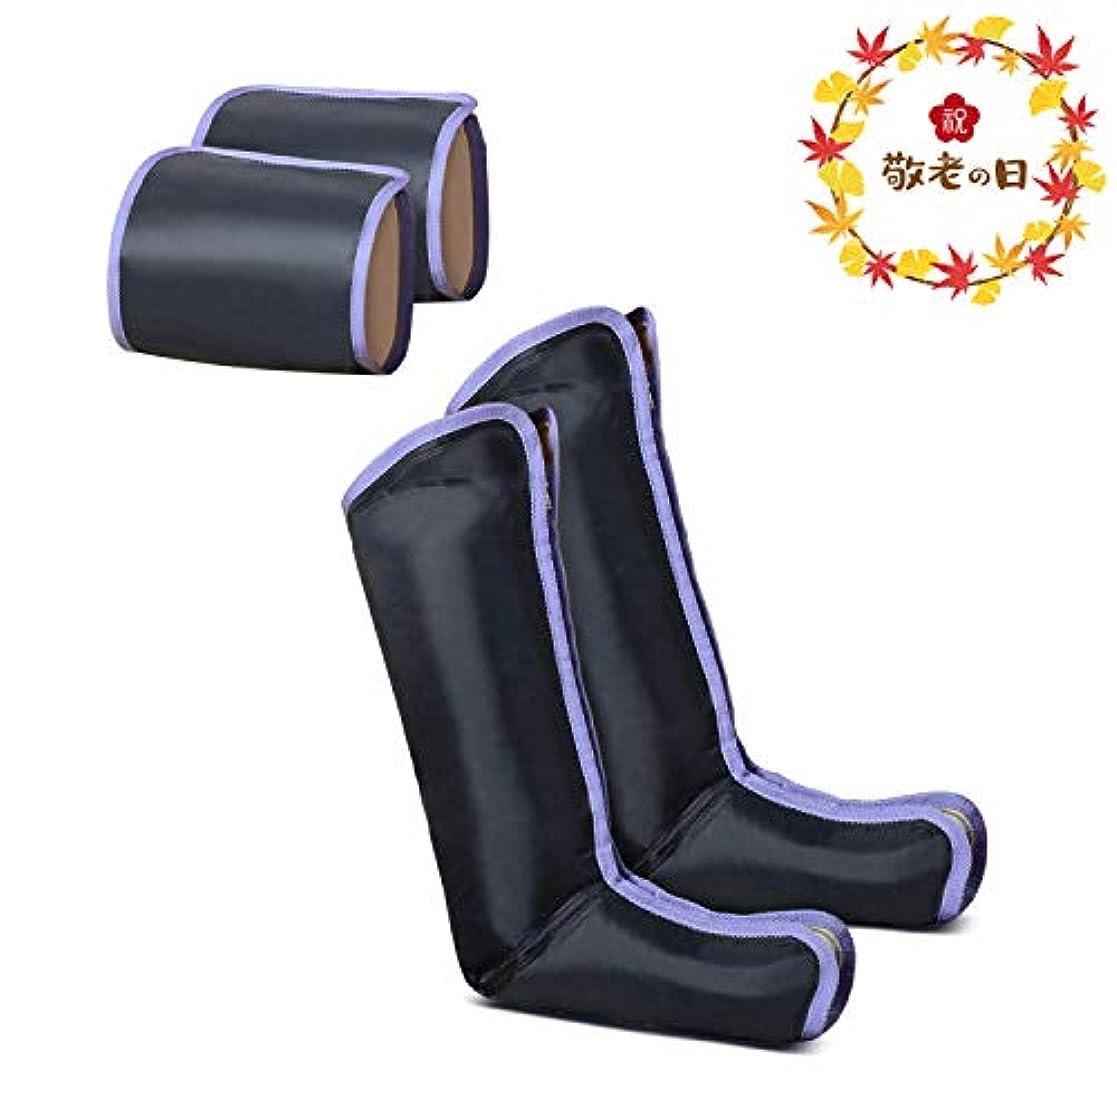 永続おなじみの洗剤SOLIN エアーマッサージャー 電気マッサージ機 ひざ 太もも対応 血行の促進